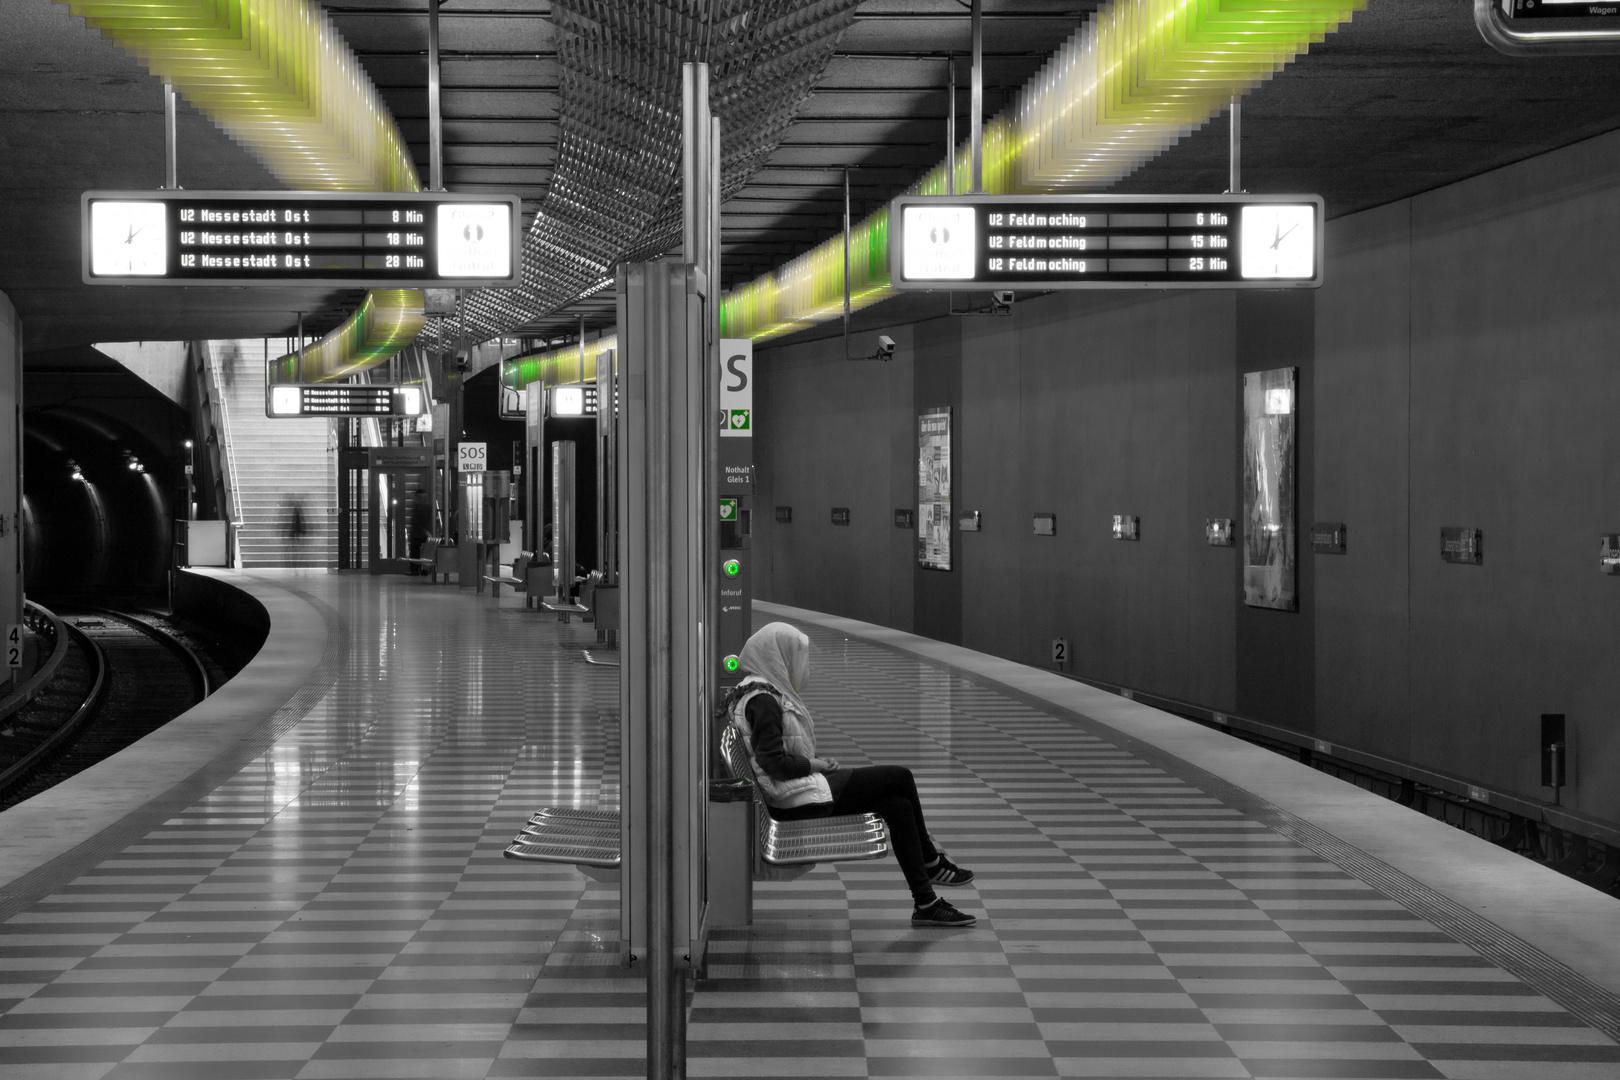 Streetfotografie am Gleis ;-)